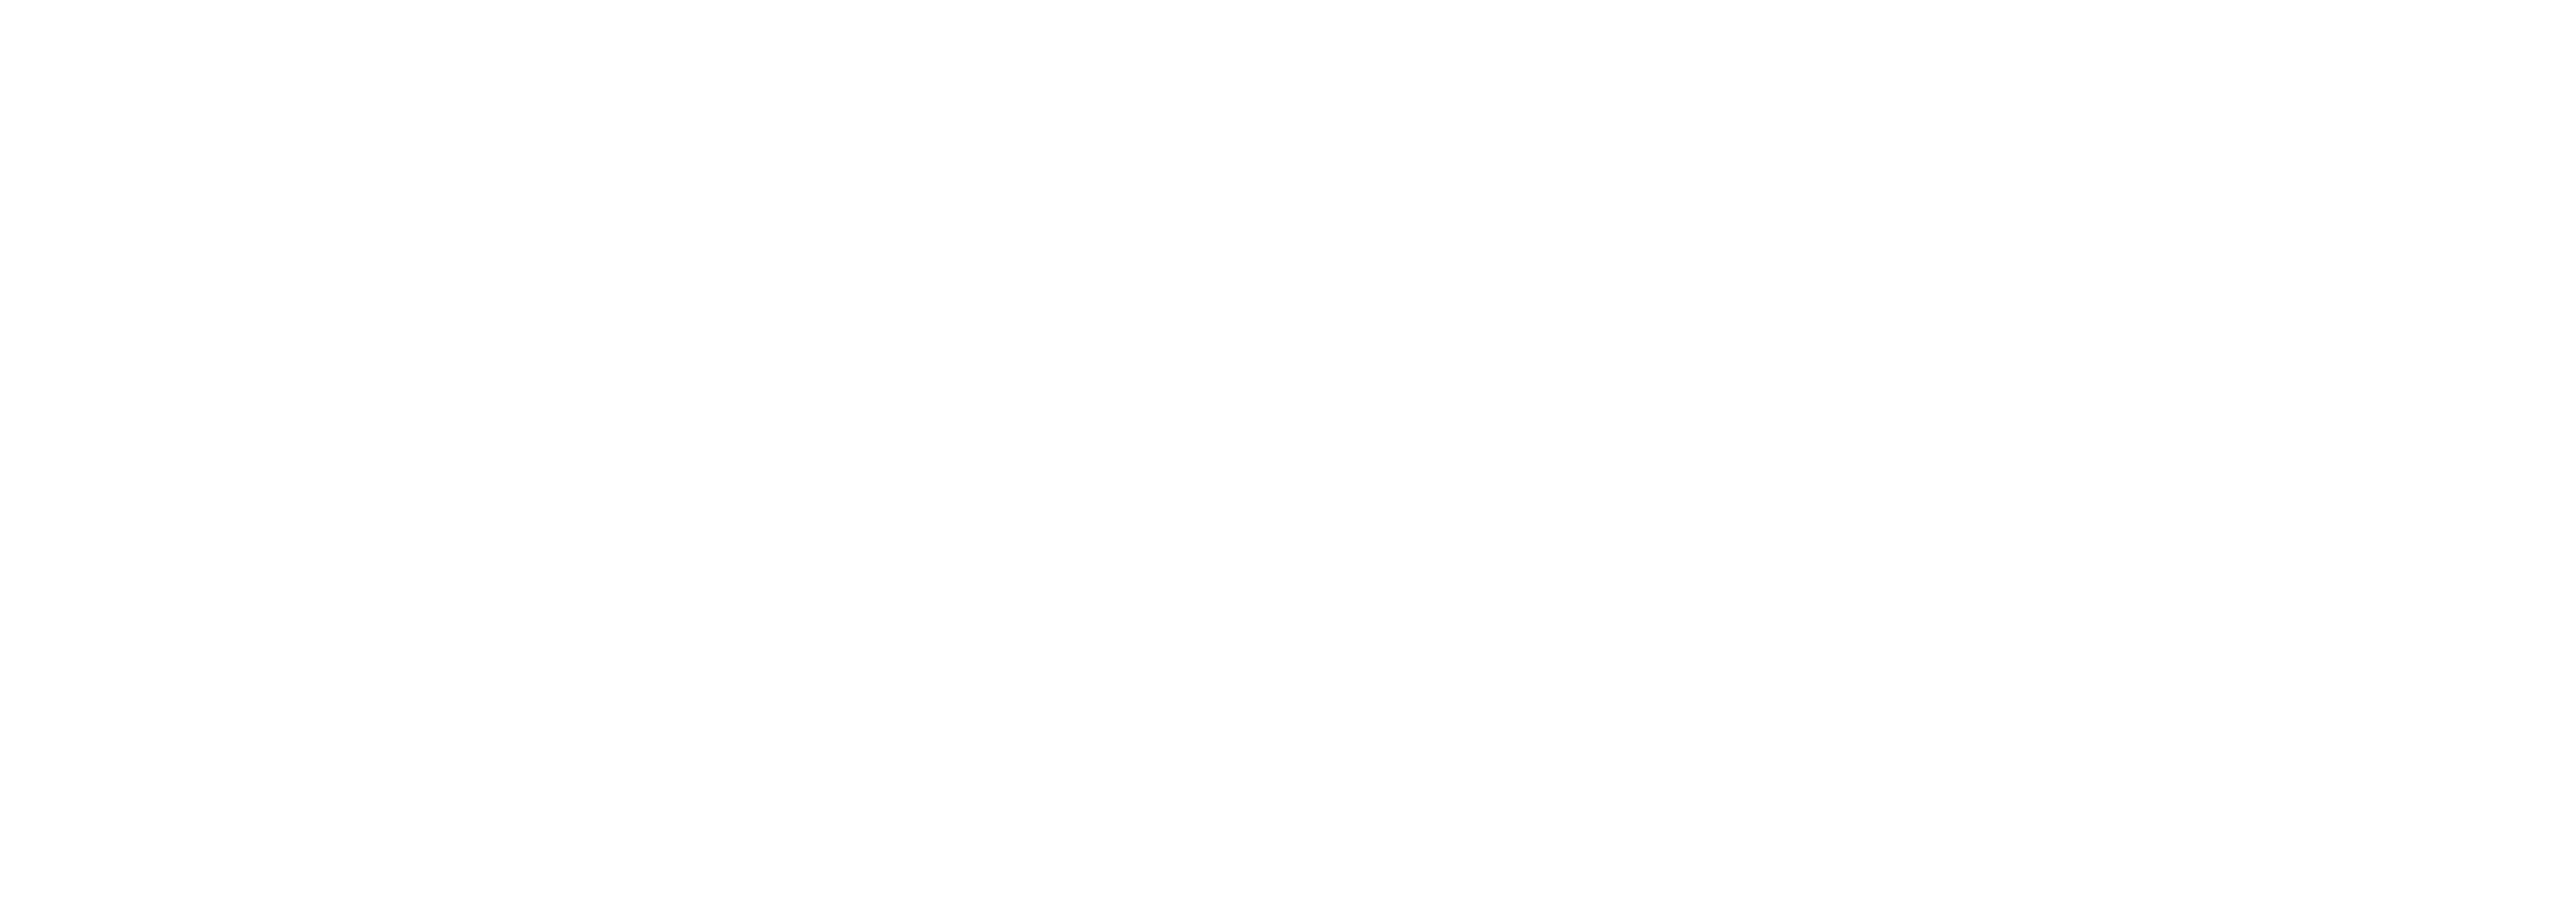 Stein Corporate Design